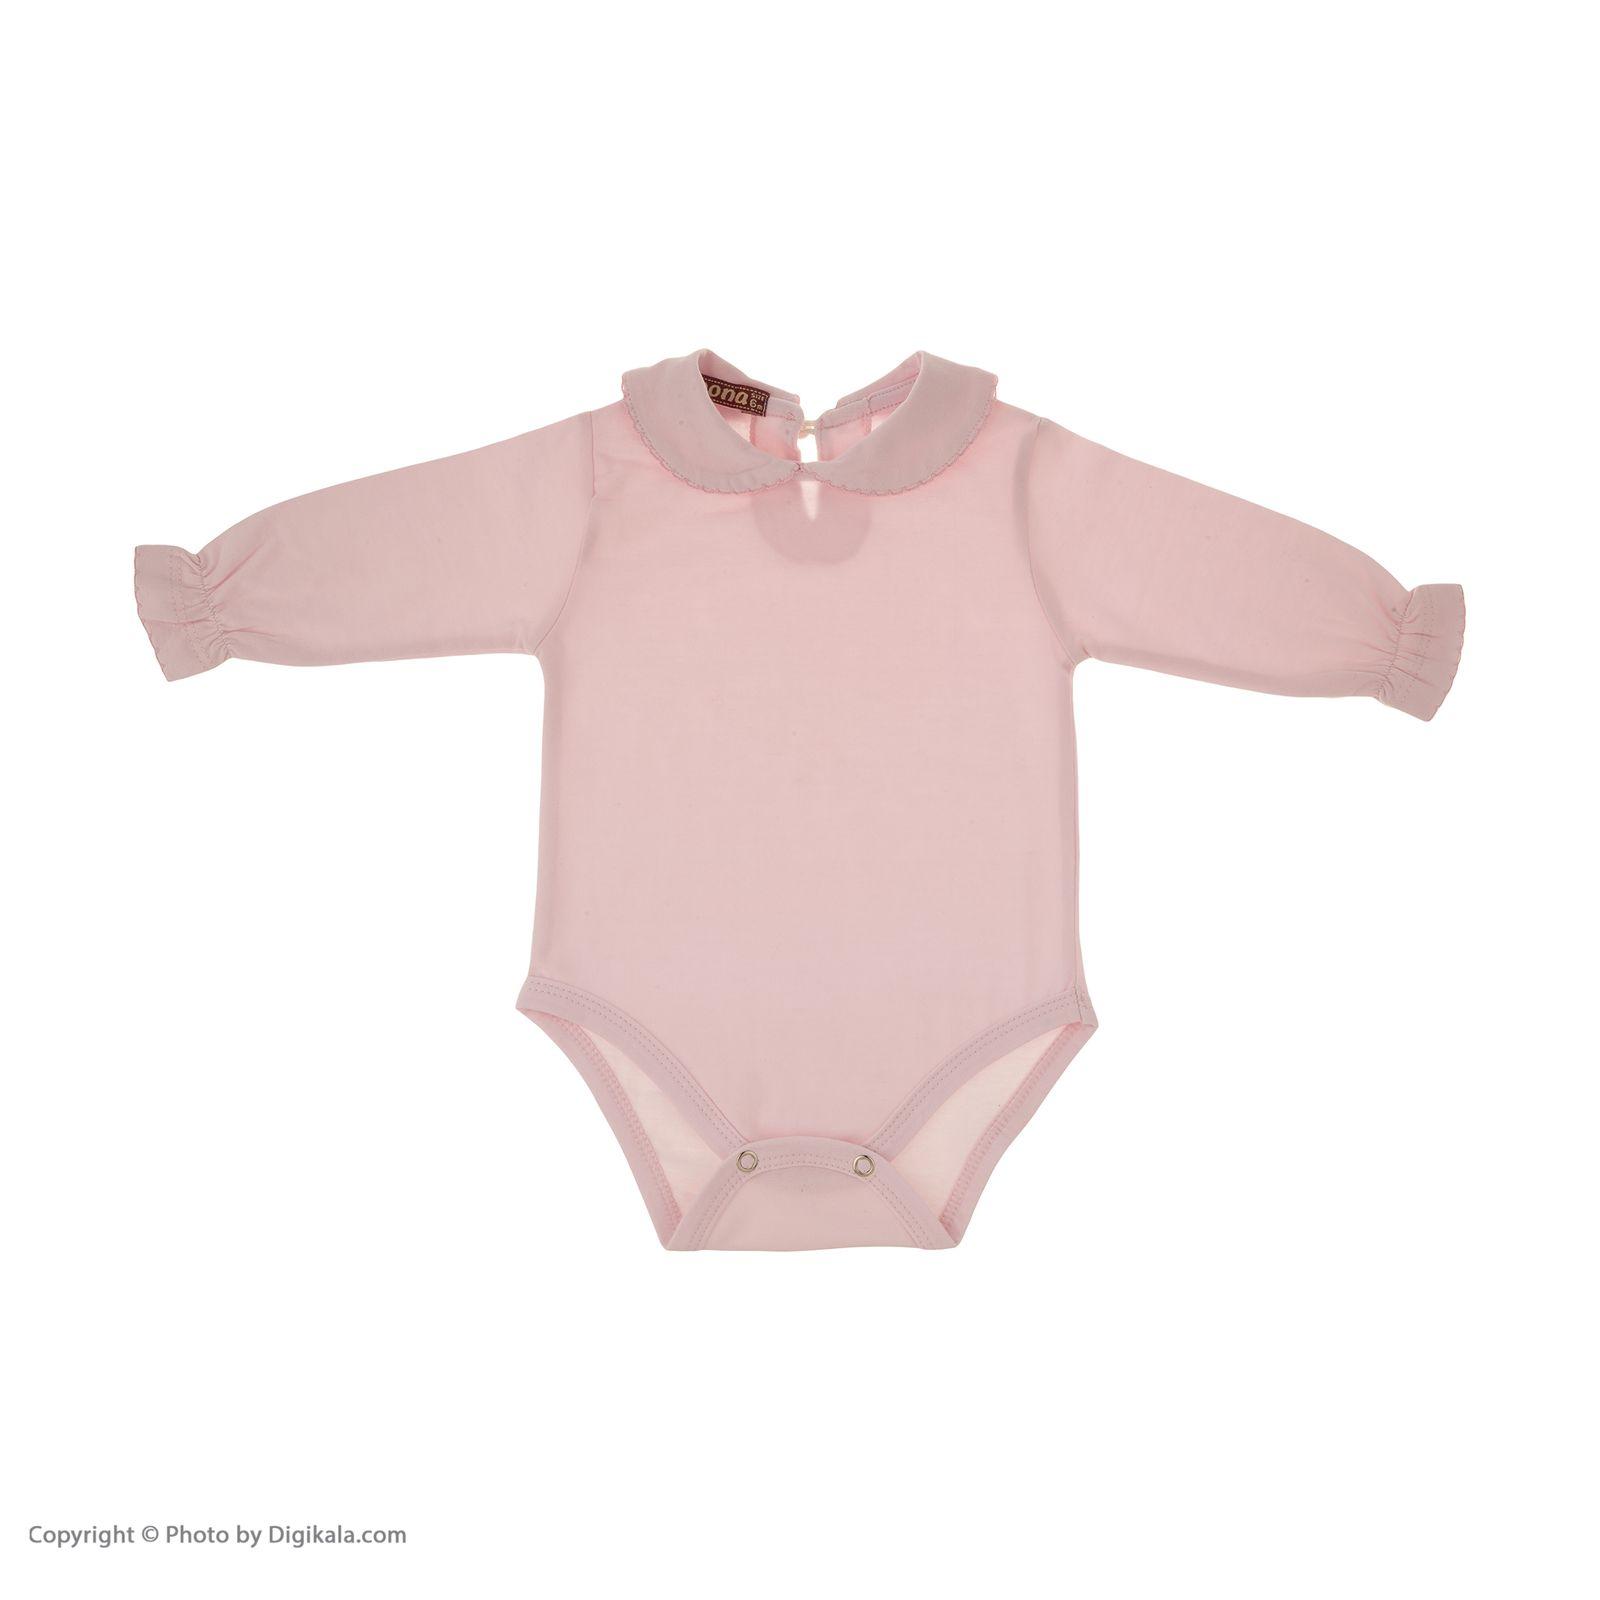 بادی نوزادی دخترانهنونا مدل 221110329-84 -  - 2